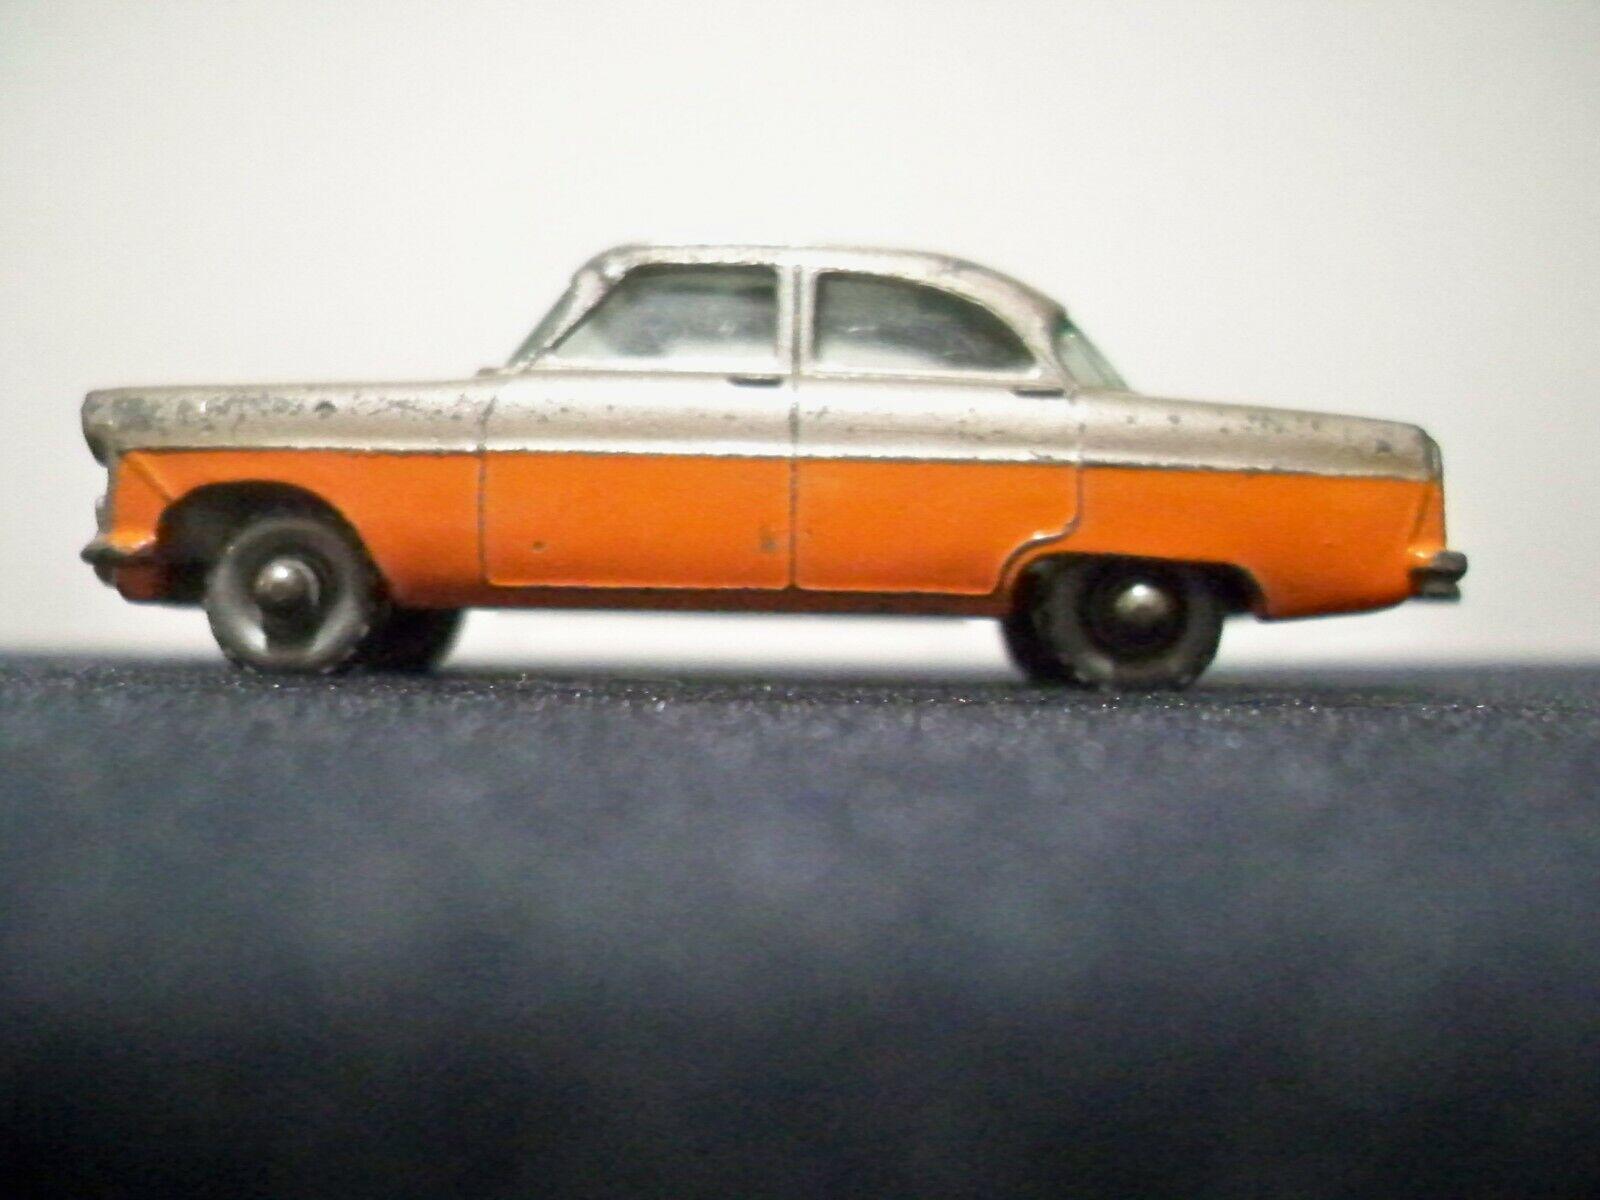 LESNEY MATCHBOX  FORD ZODIAC    33  ANGLETERRE  1957  MAUVE (marron) Couleur Orange métallisé  vente en ligne